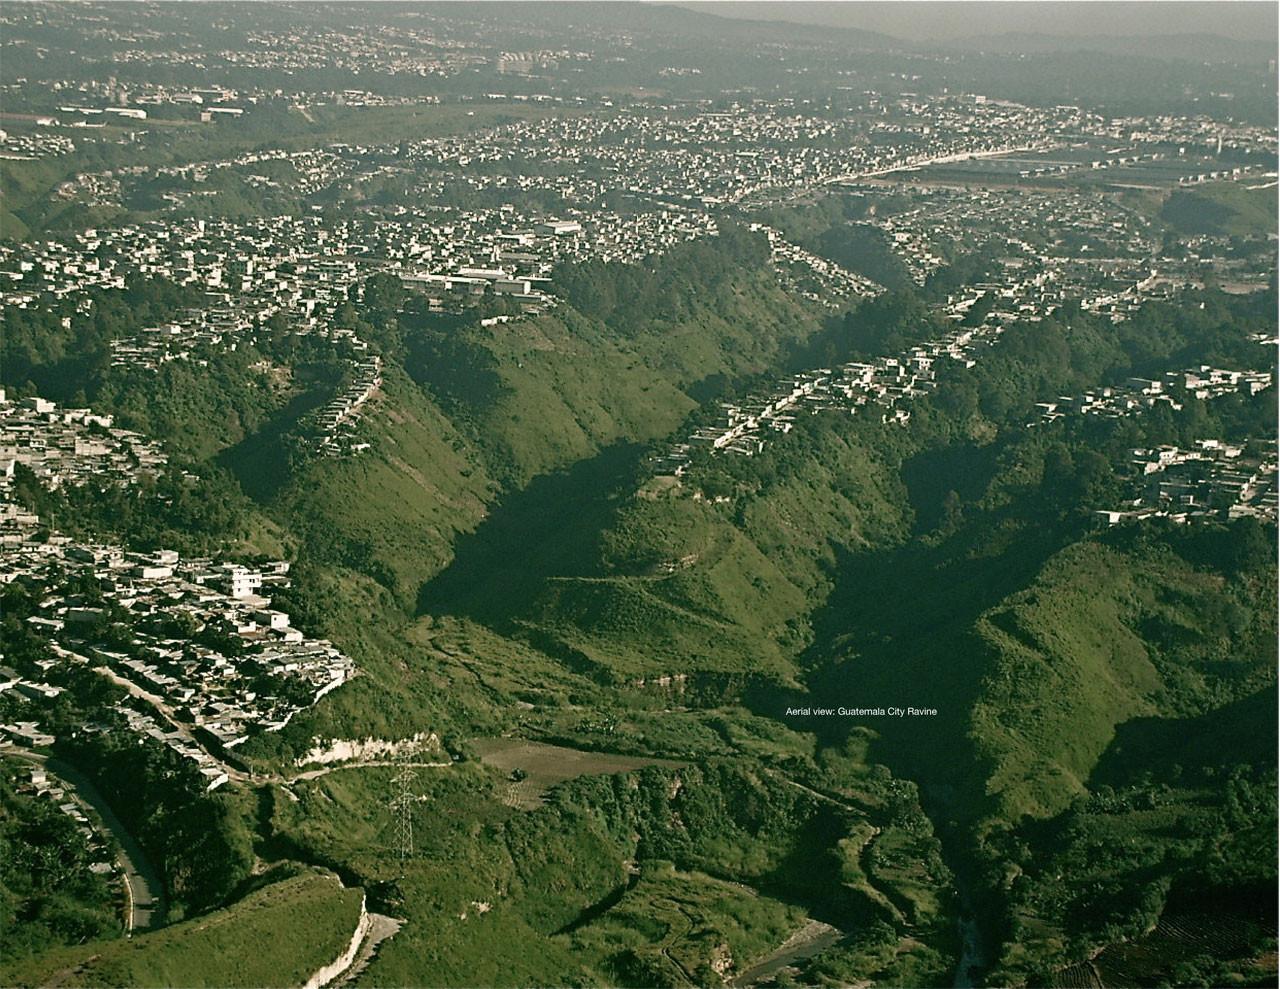 Vista Aérea de la Ciudad de Guatemala. Image Courtesy of oficiocolectivo